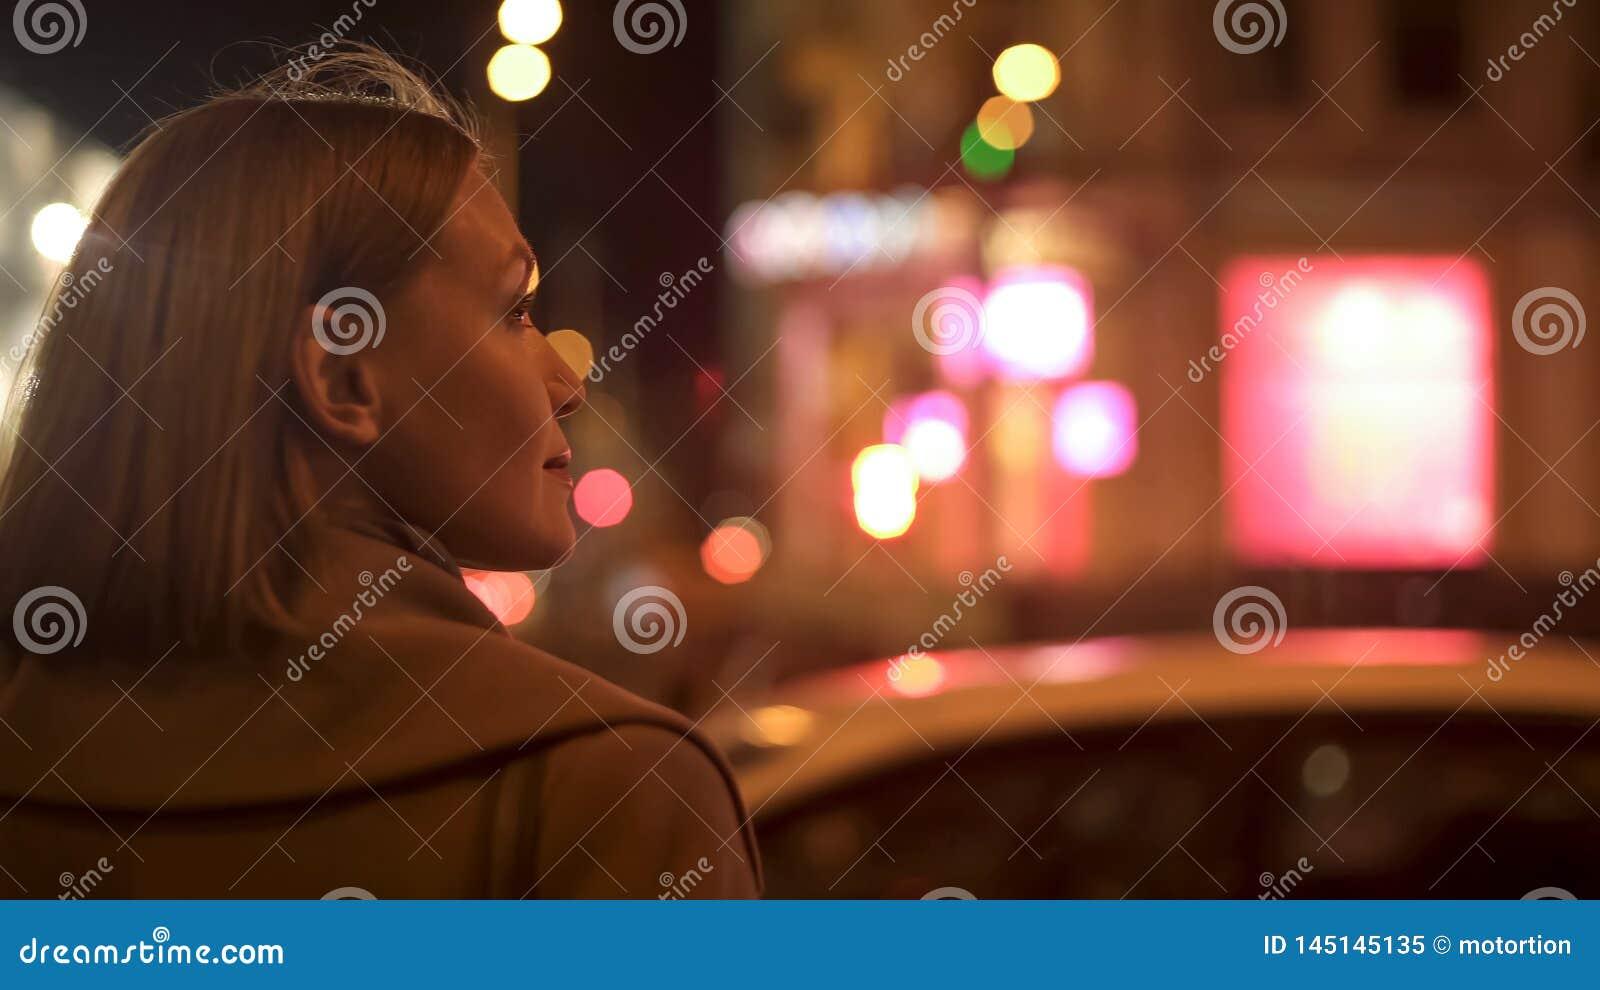 Frauenwarteverkehrslichtsignal, Stra